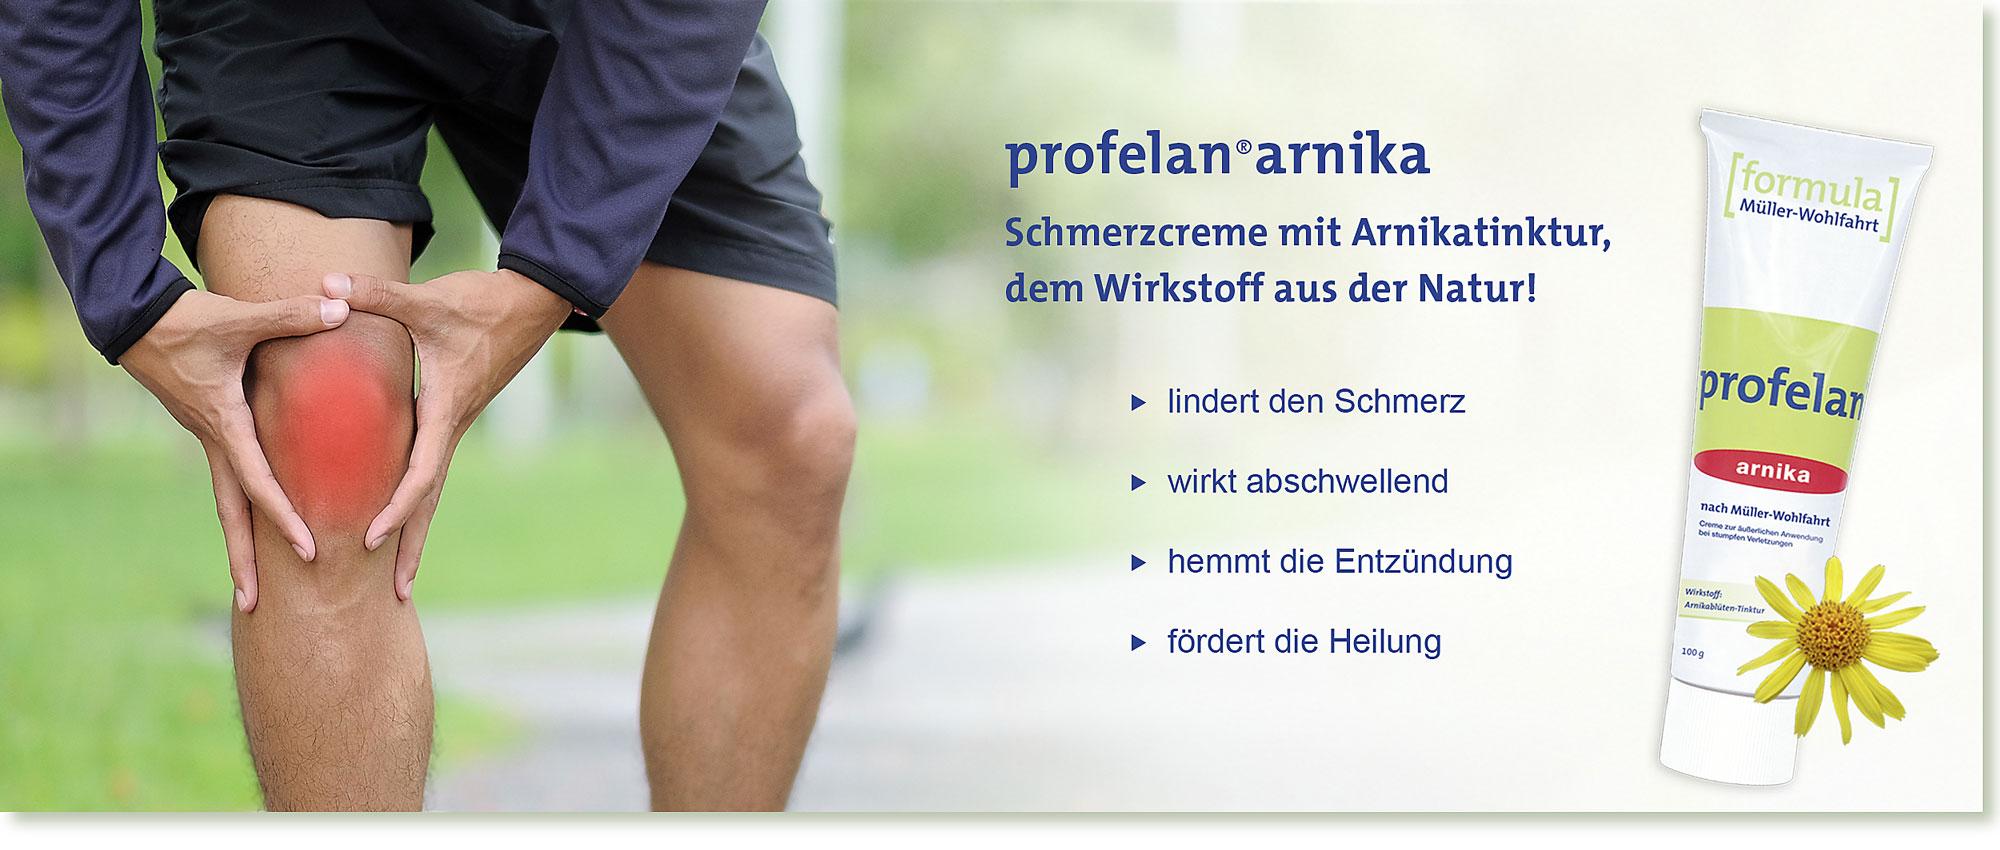 HeadImage | PROFELAN-Arnika Schmerzcreme nach Müller-Wohlfahrt - Jogging